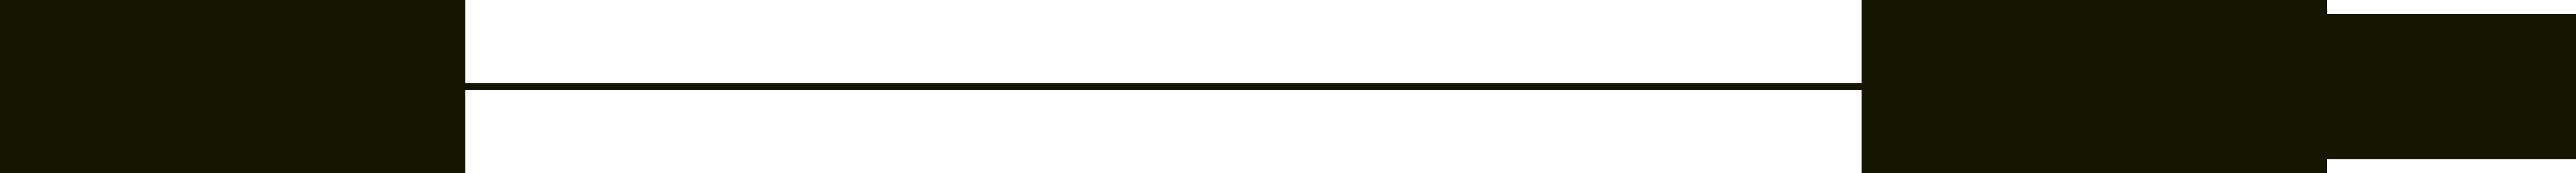 Sicizli-Page-Divider.png